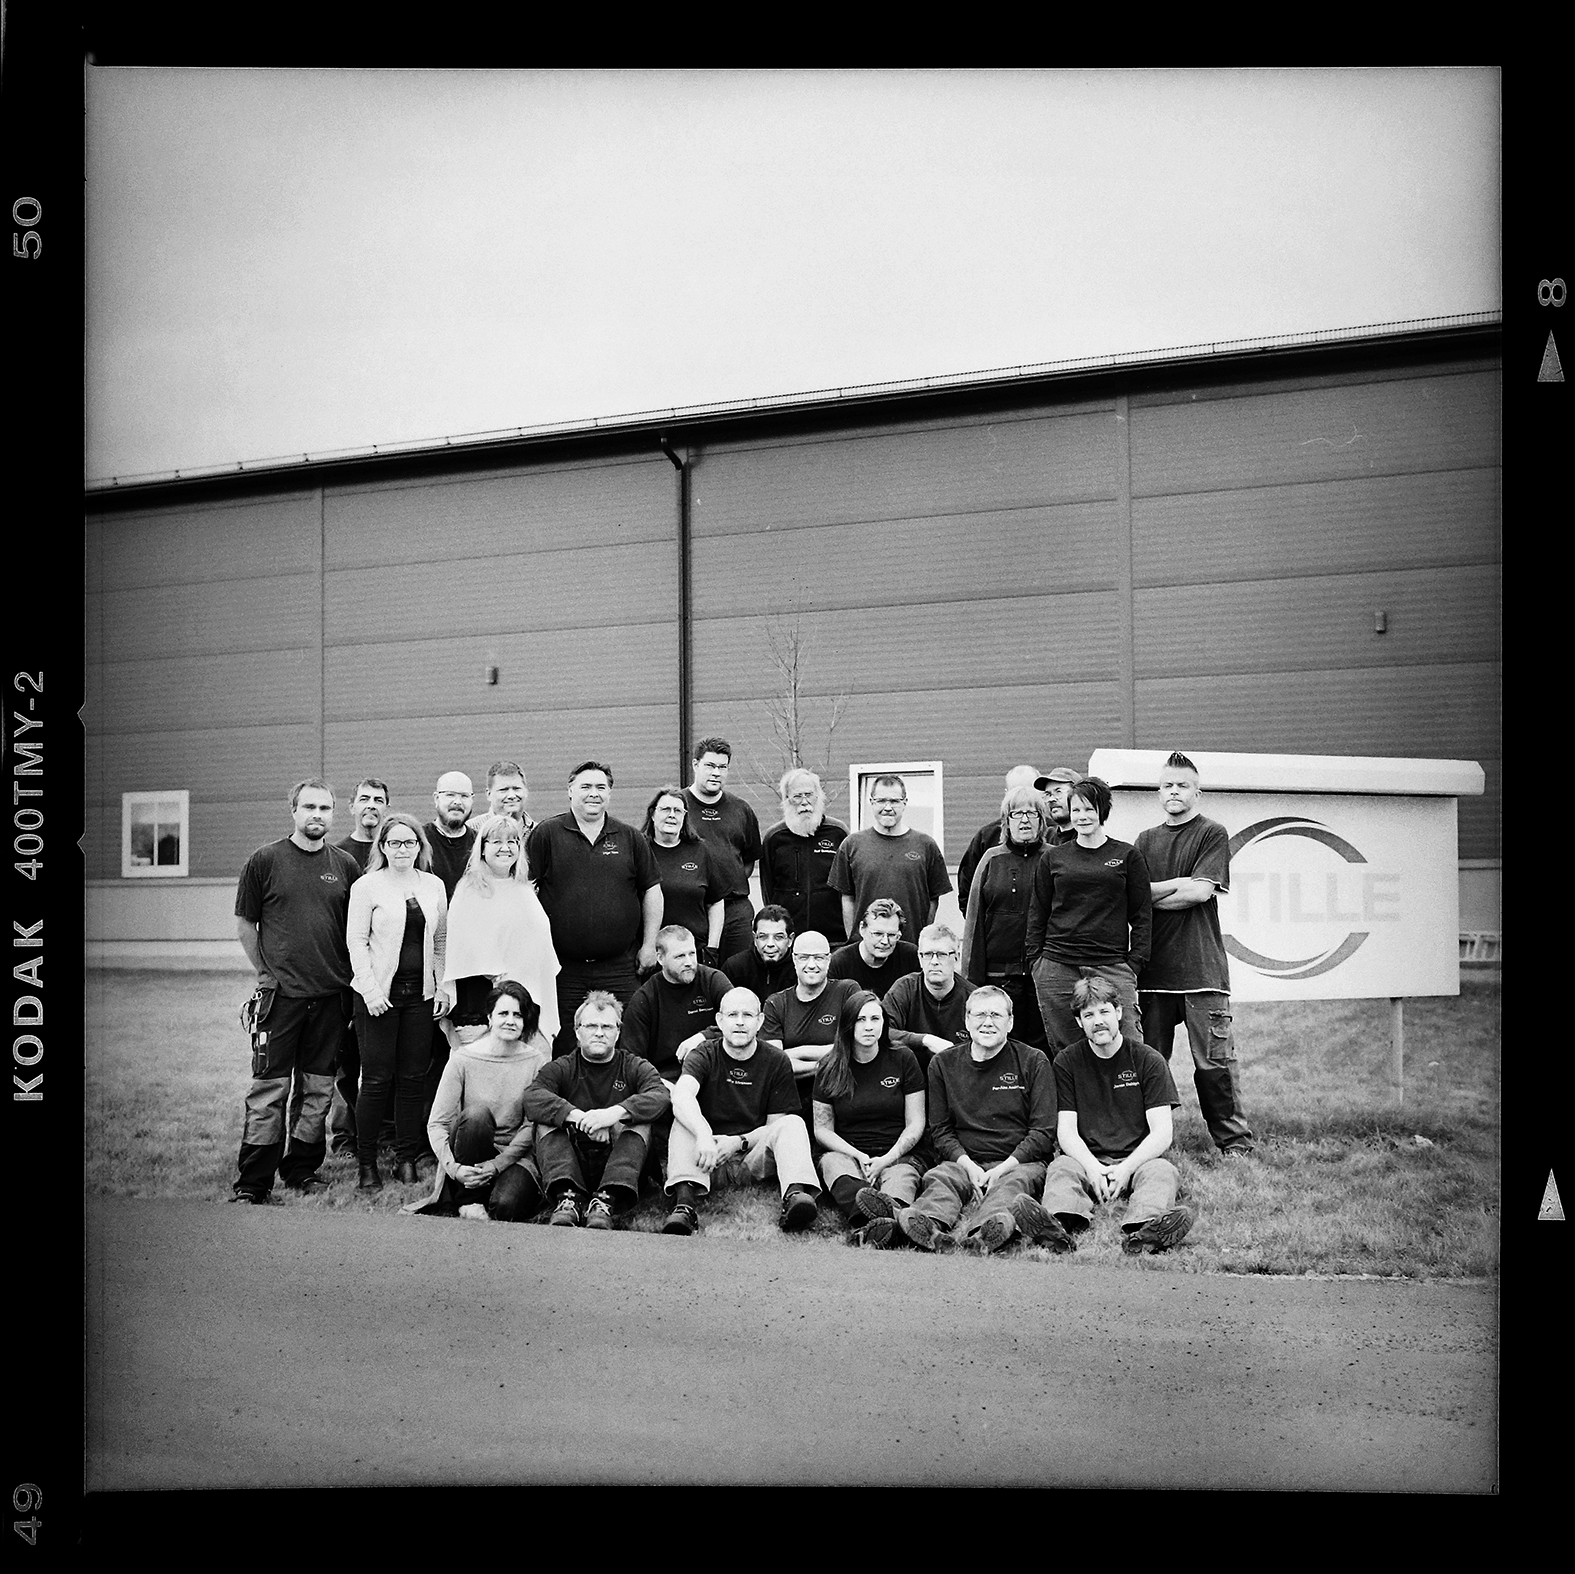 Delar av personalen på Stille. Foto: Mikael Andersson, 2016-04-14. Hasselblad 500c/m med 80mm 2,8. Exponerad 1/125 f4.